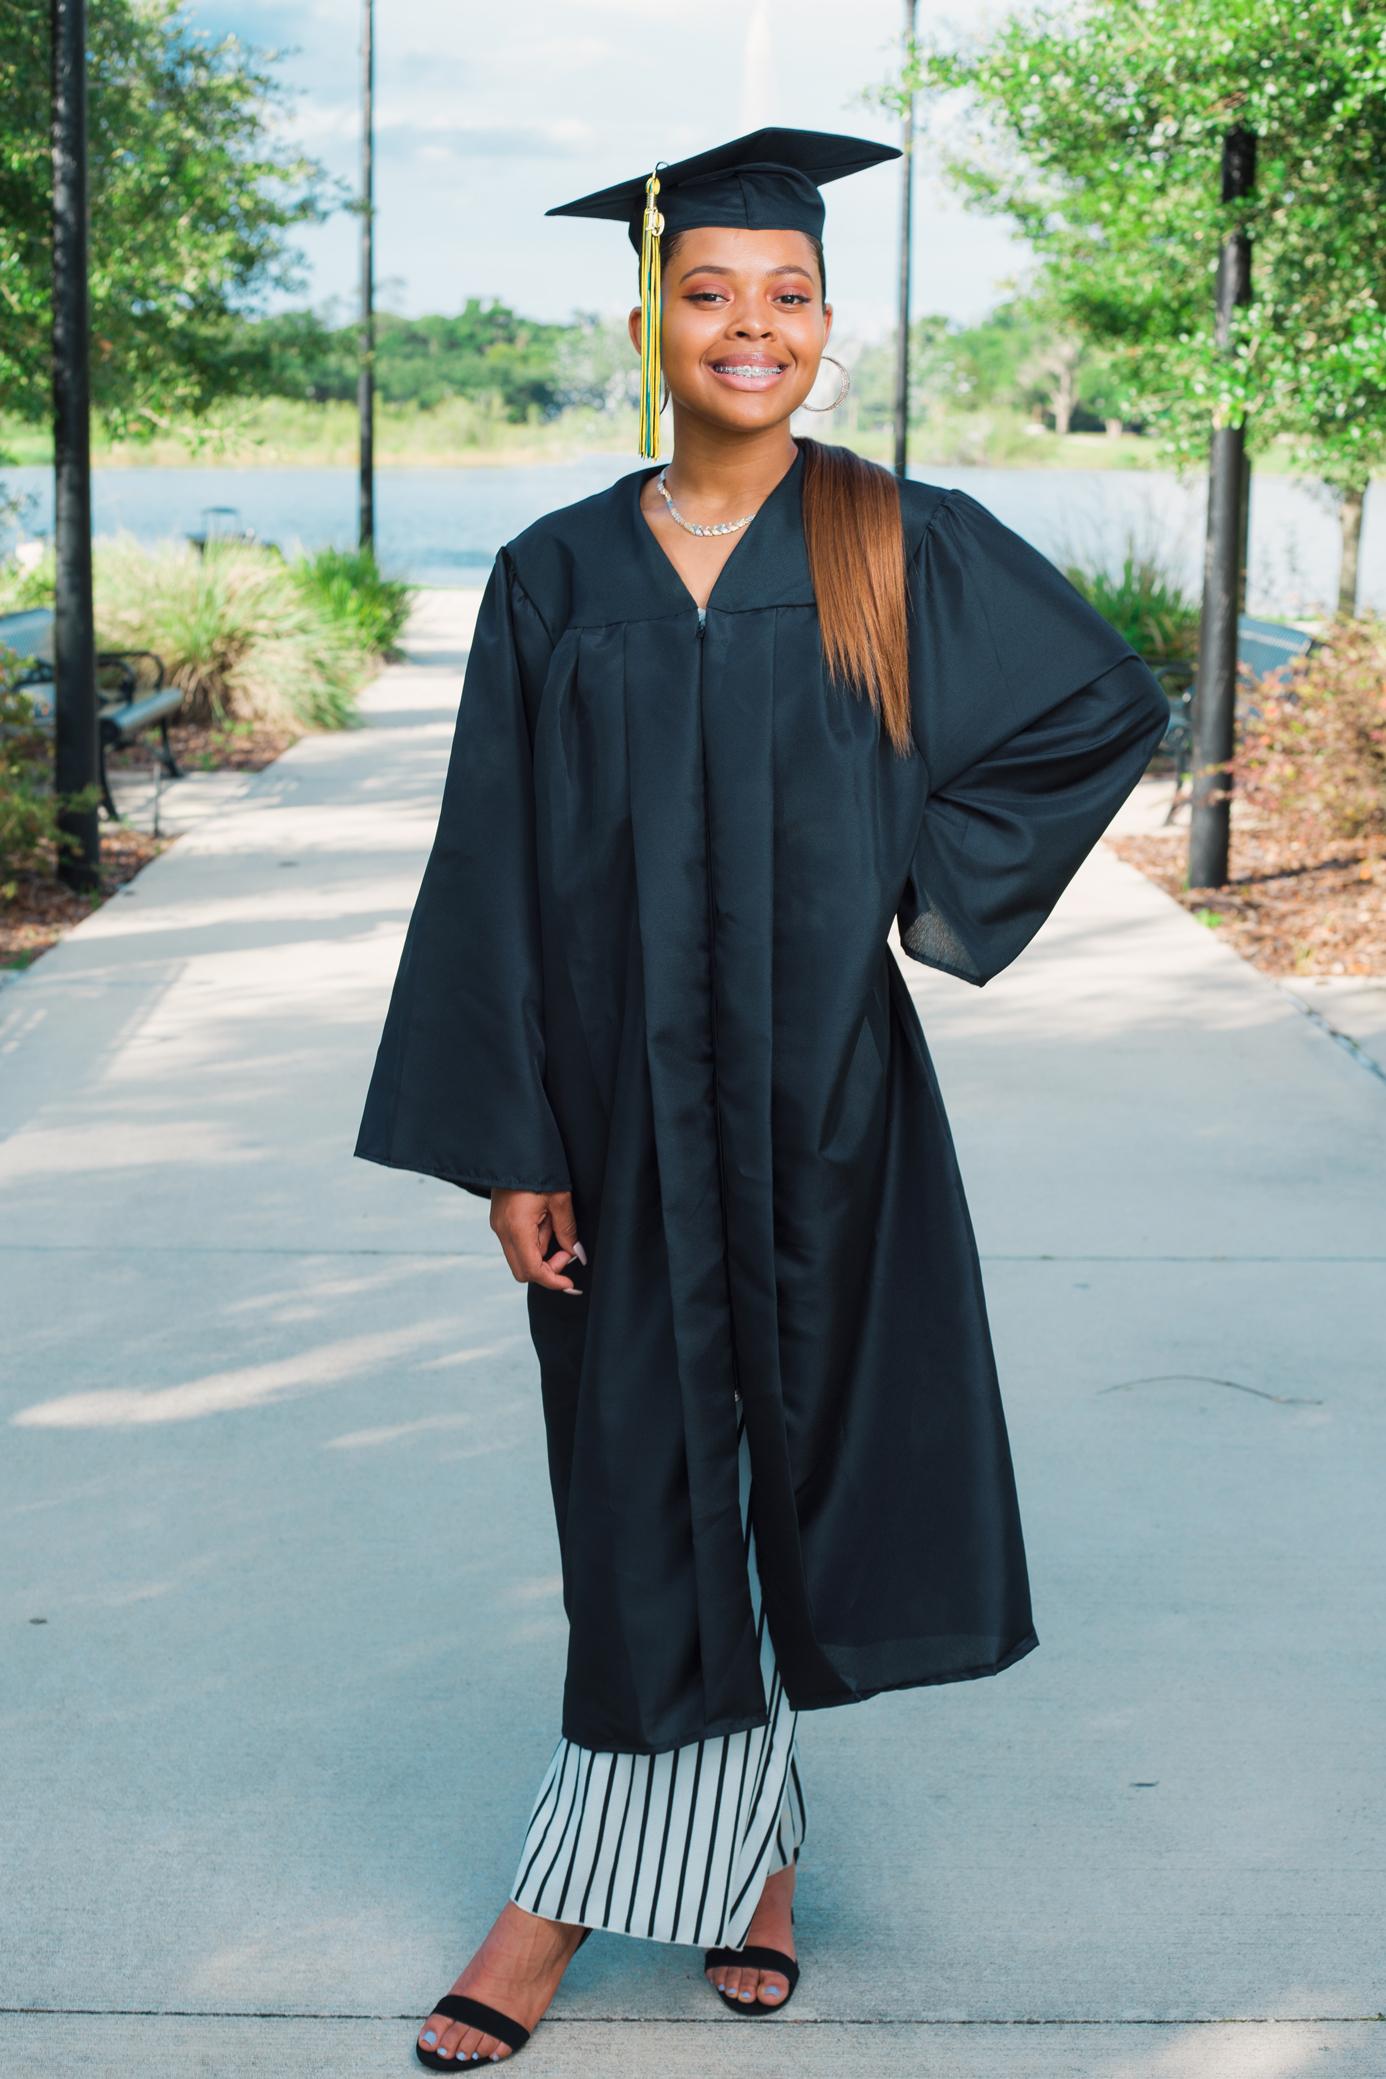 deltona-graduation-senior-photos-chamber-hart-photography-4.jpg